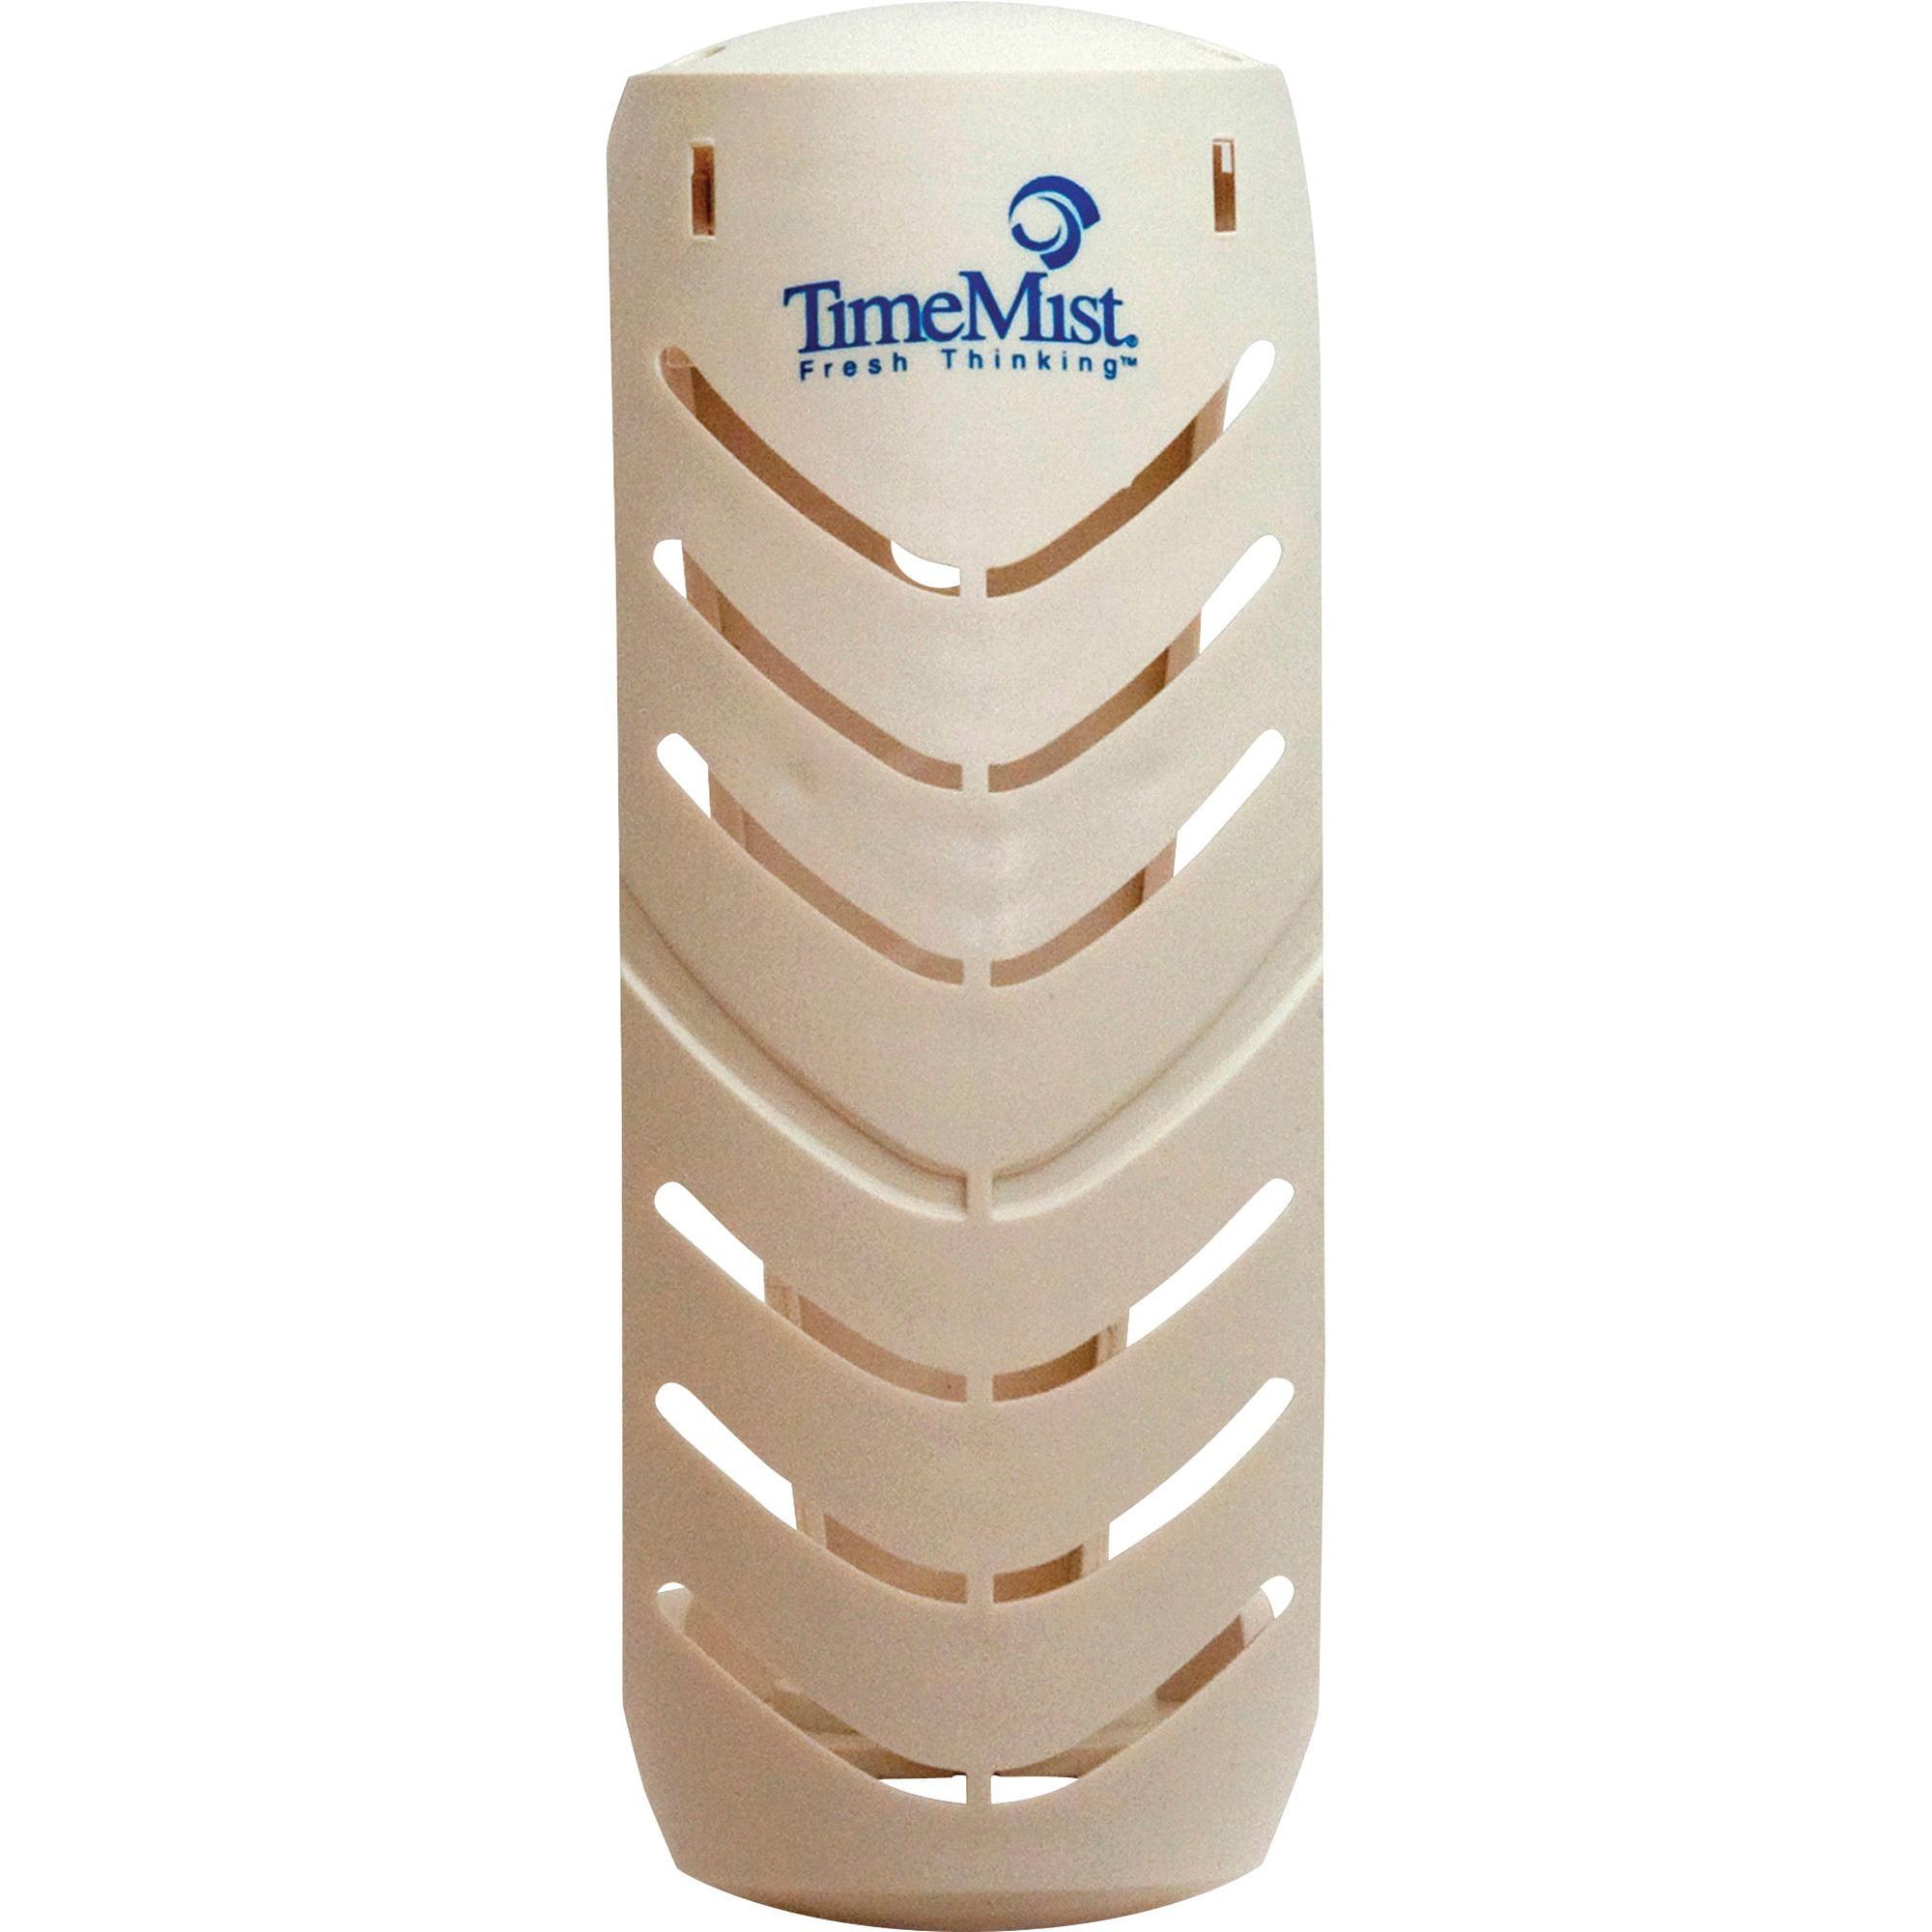 TimeMist, TMS1044155, Essential Oil Air Freshener Dispenser, 1 Each, White